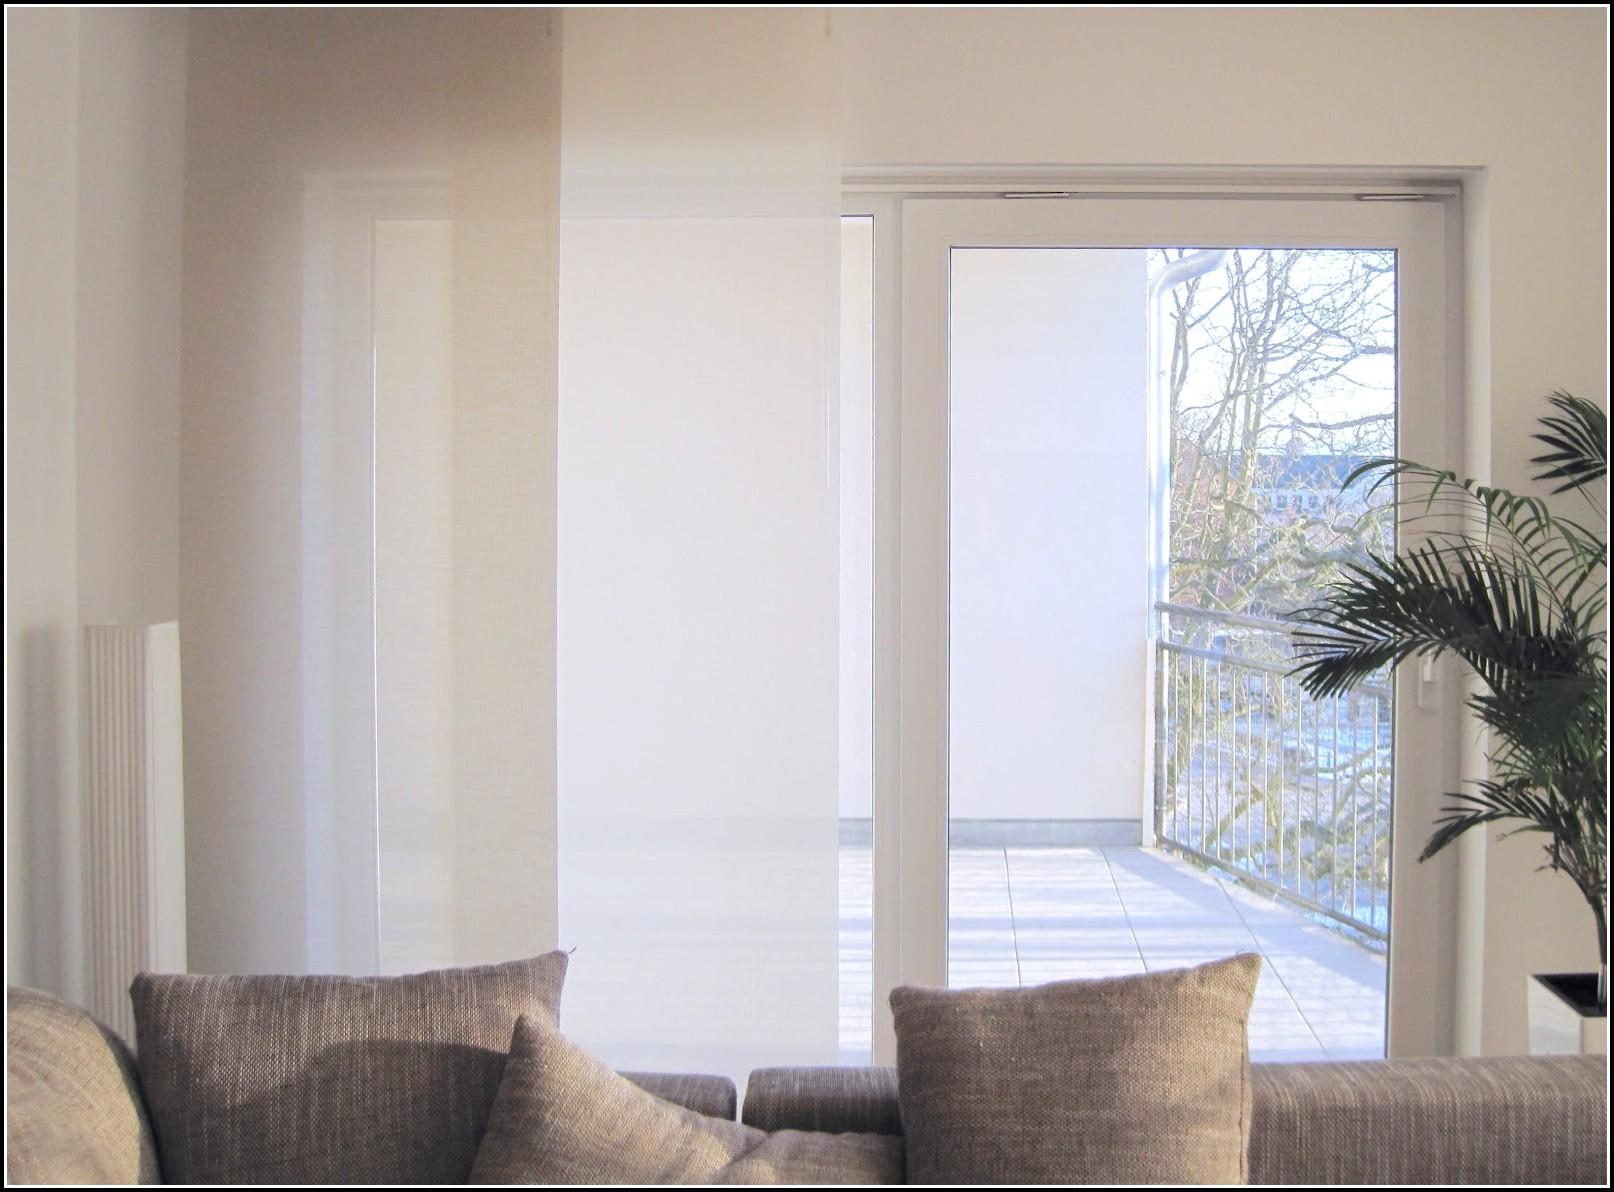 gardinen ideen f r schlafzimmer schlafzimmer house und dekor galerie 6nrpa6okyp. Black Bedroom Furniture Sets. Home Design Ideas